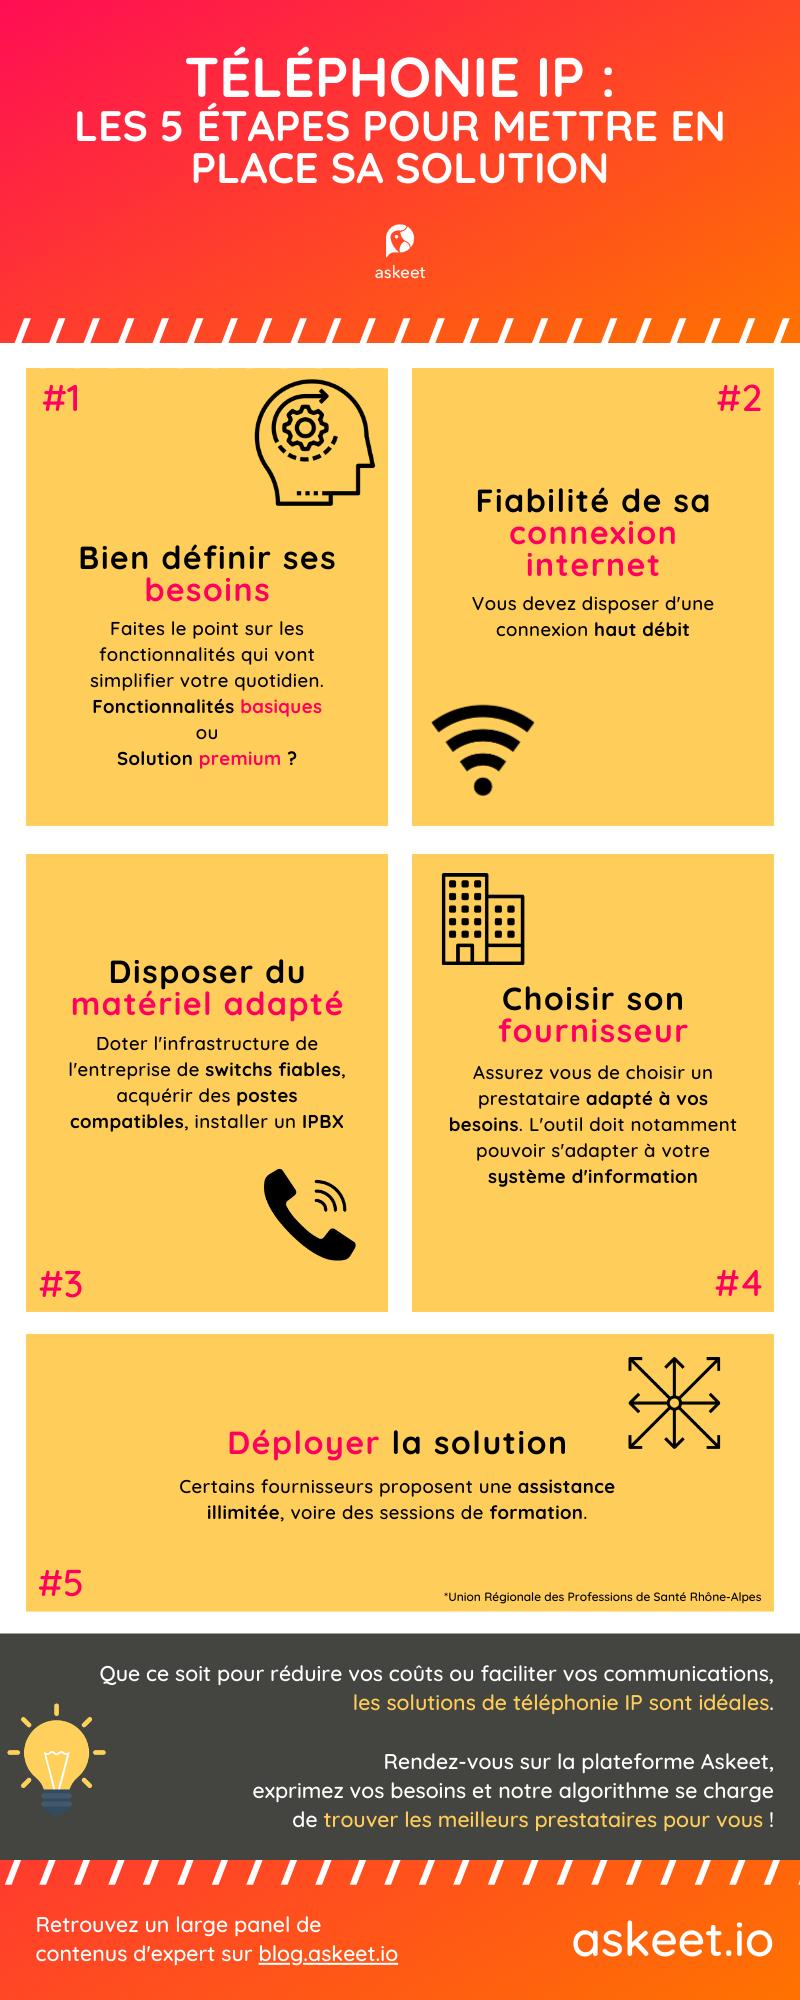 Téléphonie IP : les 5 étapes pour mettre en place sa solution